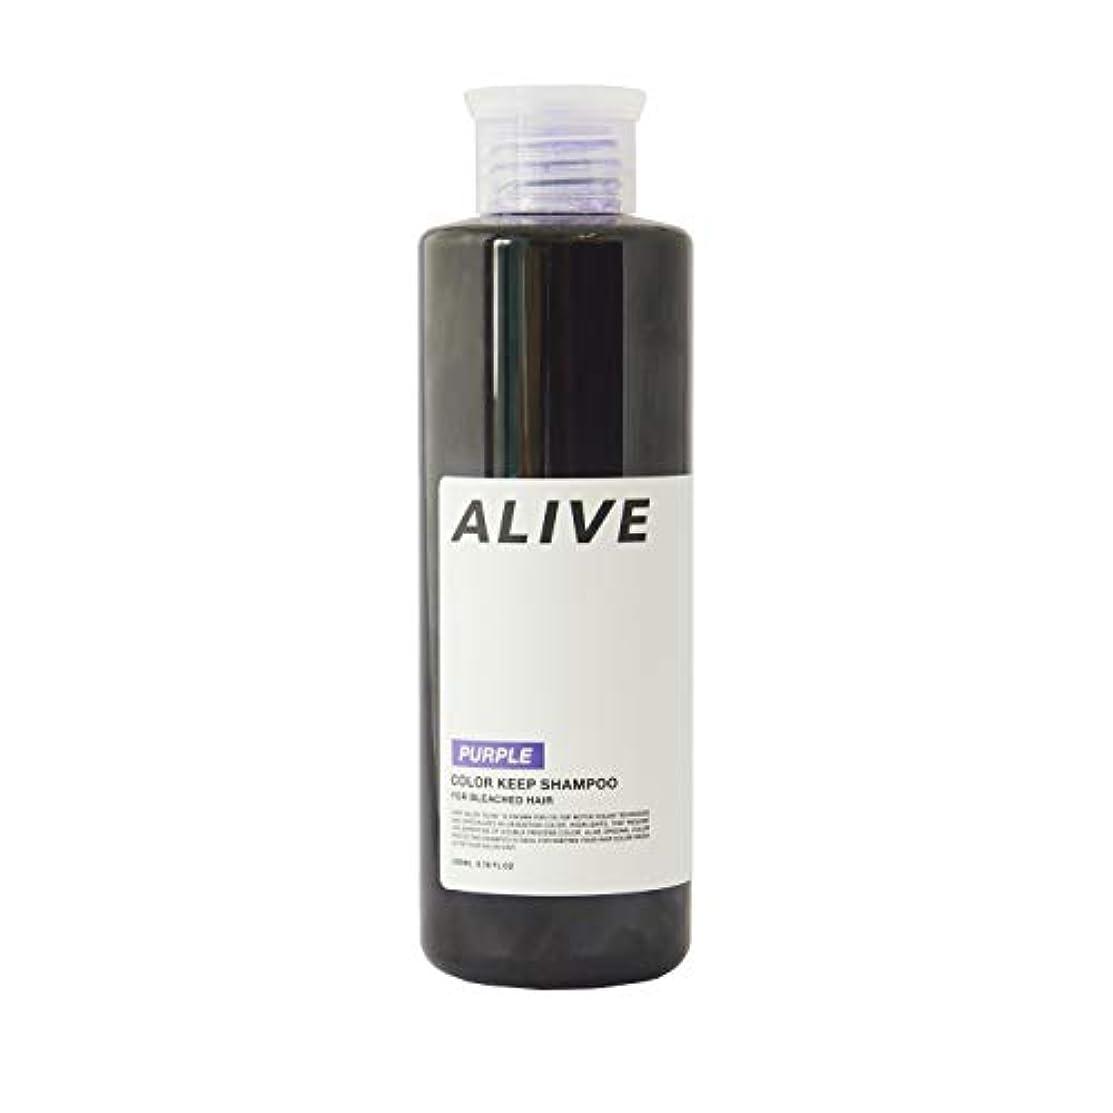 不健康コカインうまくいけばALIVE アライブ カラーシャンプー 極濃 紫シャンプー 200ml ムラサキ パープル ムラシャン ムラサキシャンプー